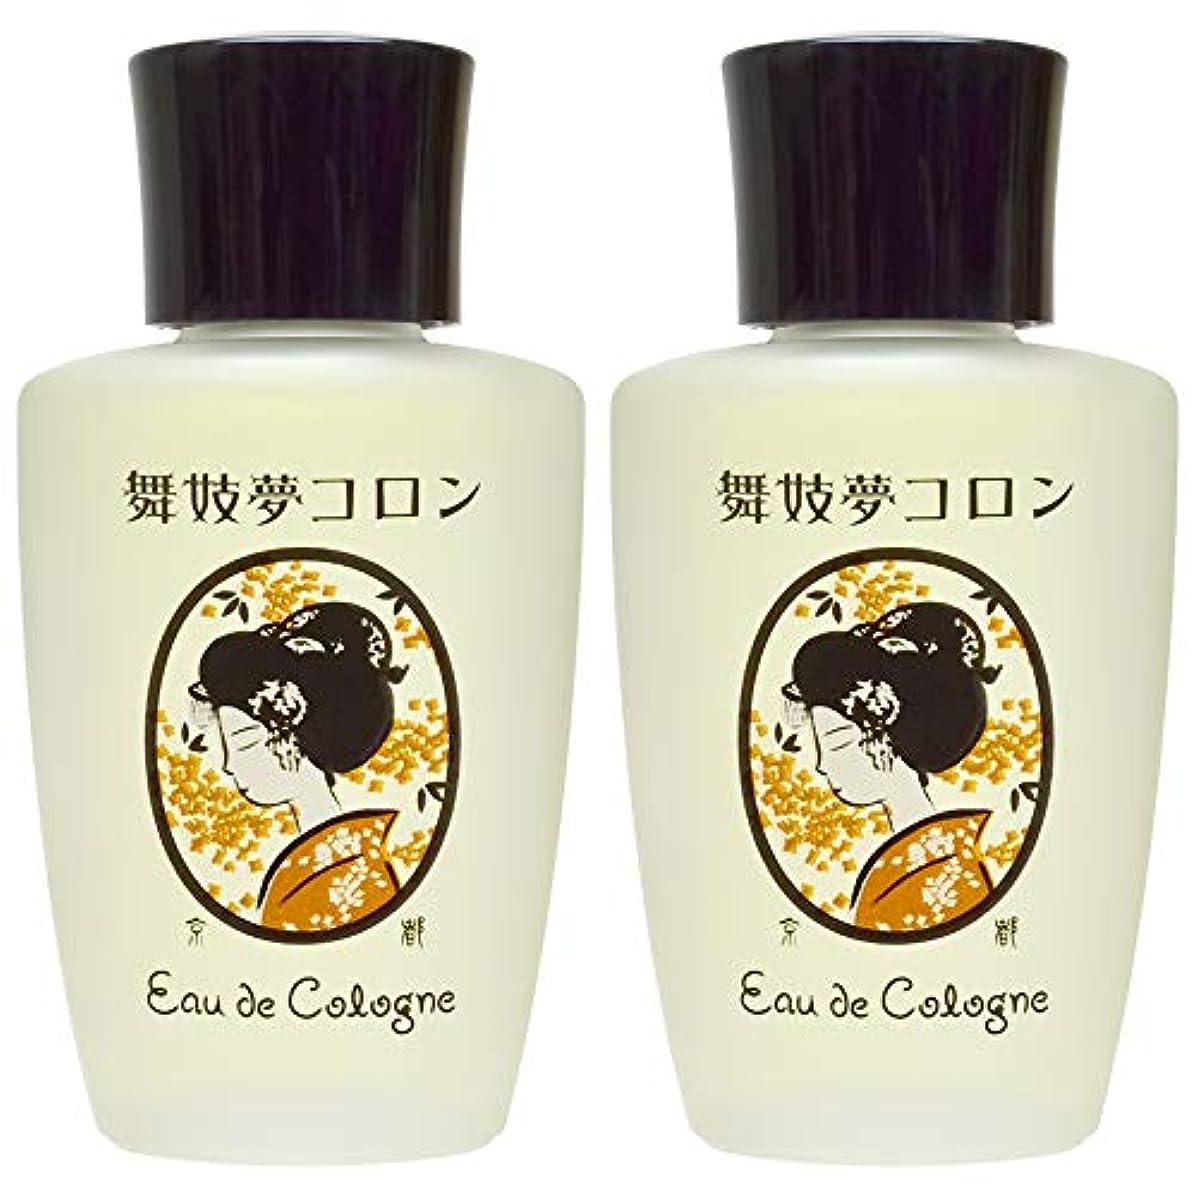 ベースしみボット京コスメ 舞妓夢コロン 金木犀/きんもくせいの香り 2個セット 20ml×2個